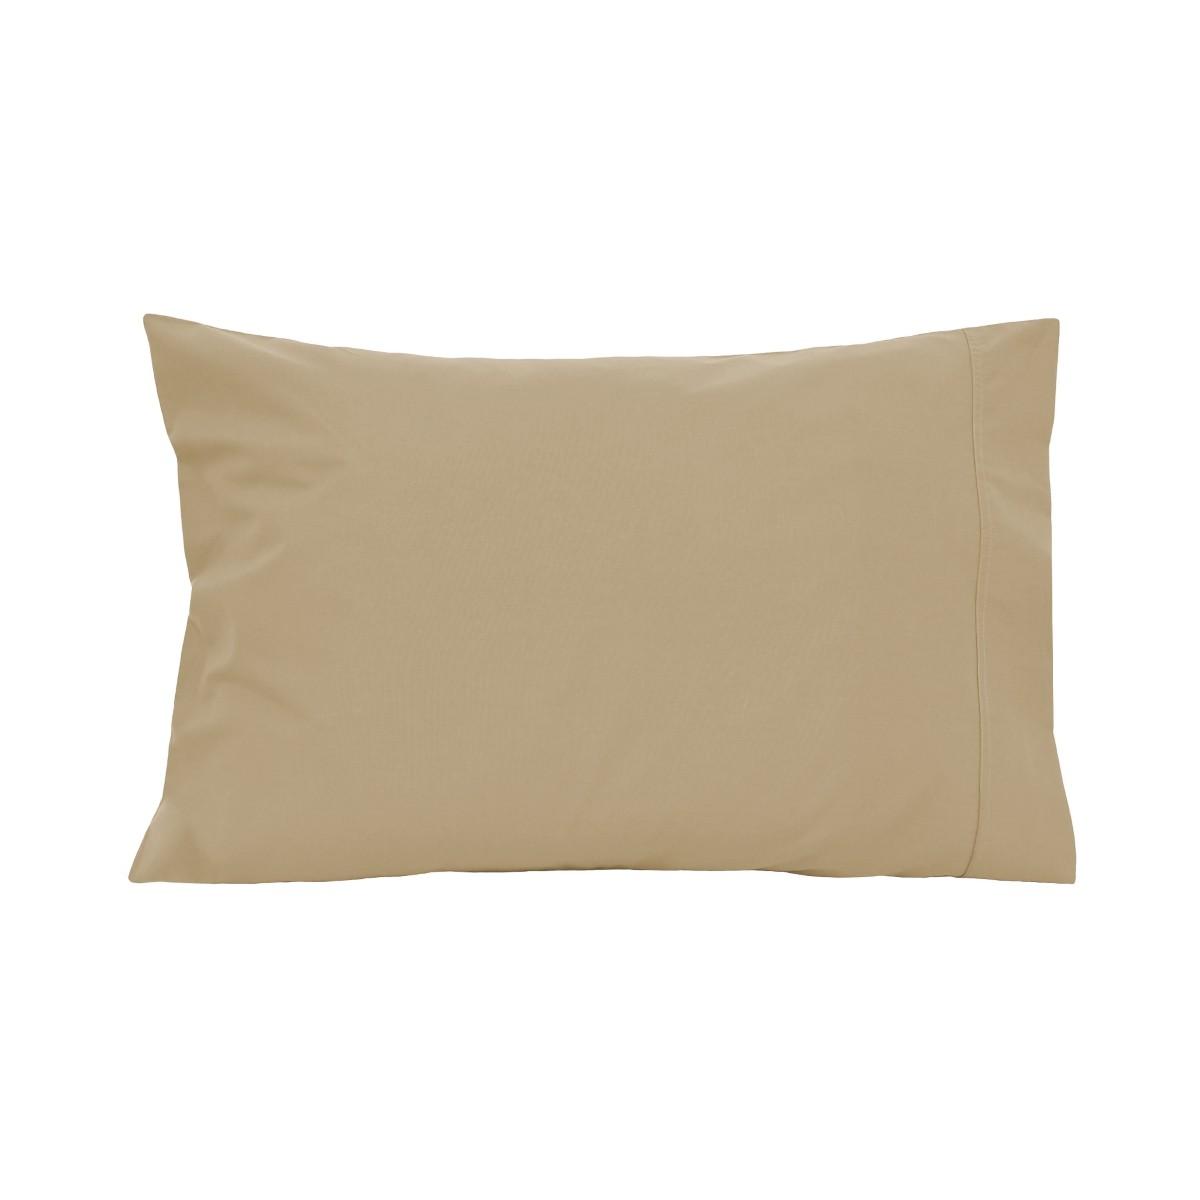 Funda de almohada, Nude